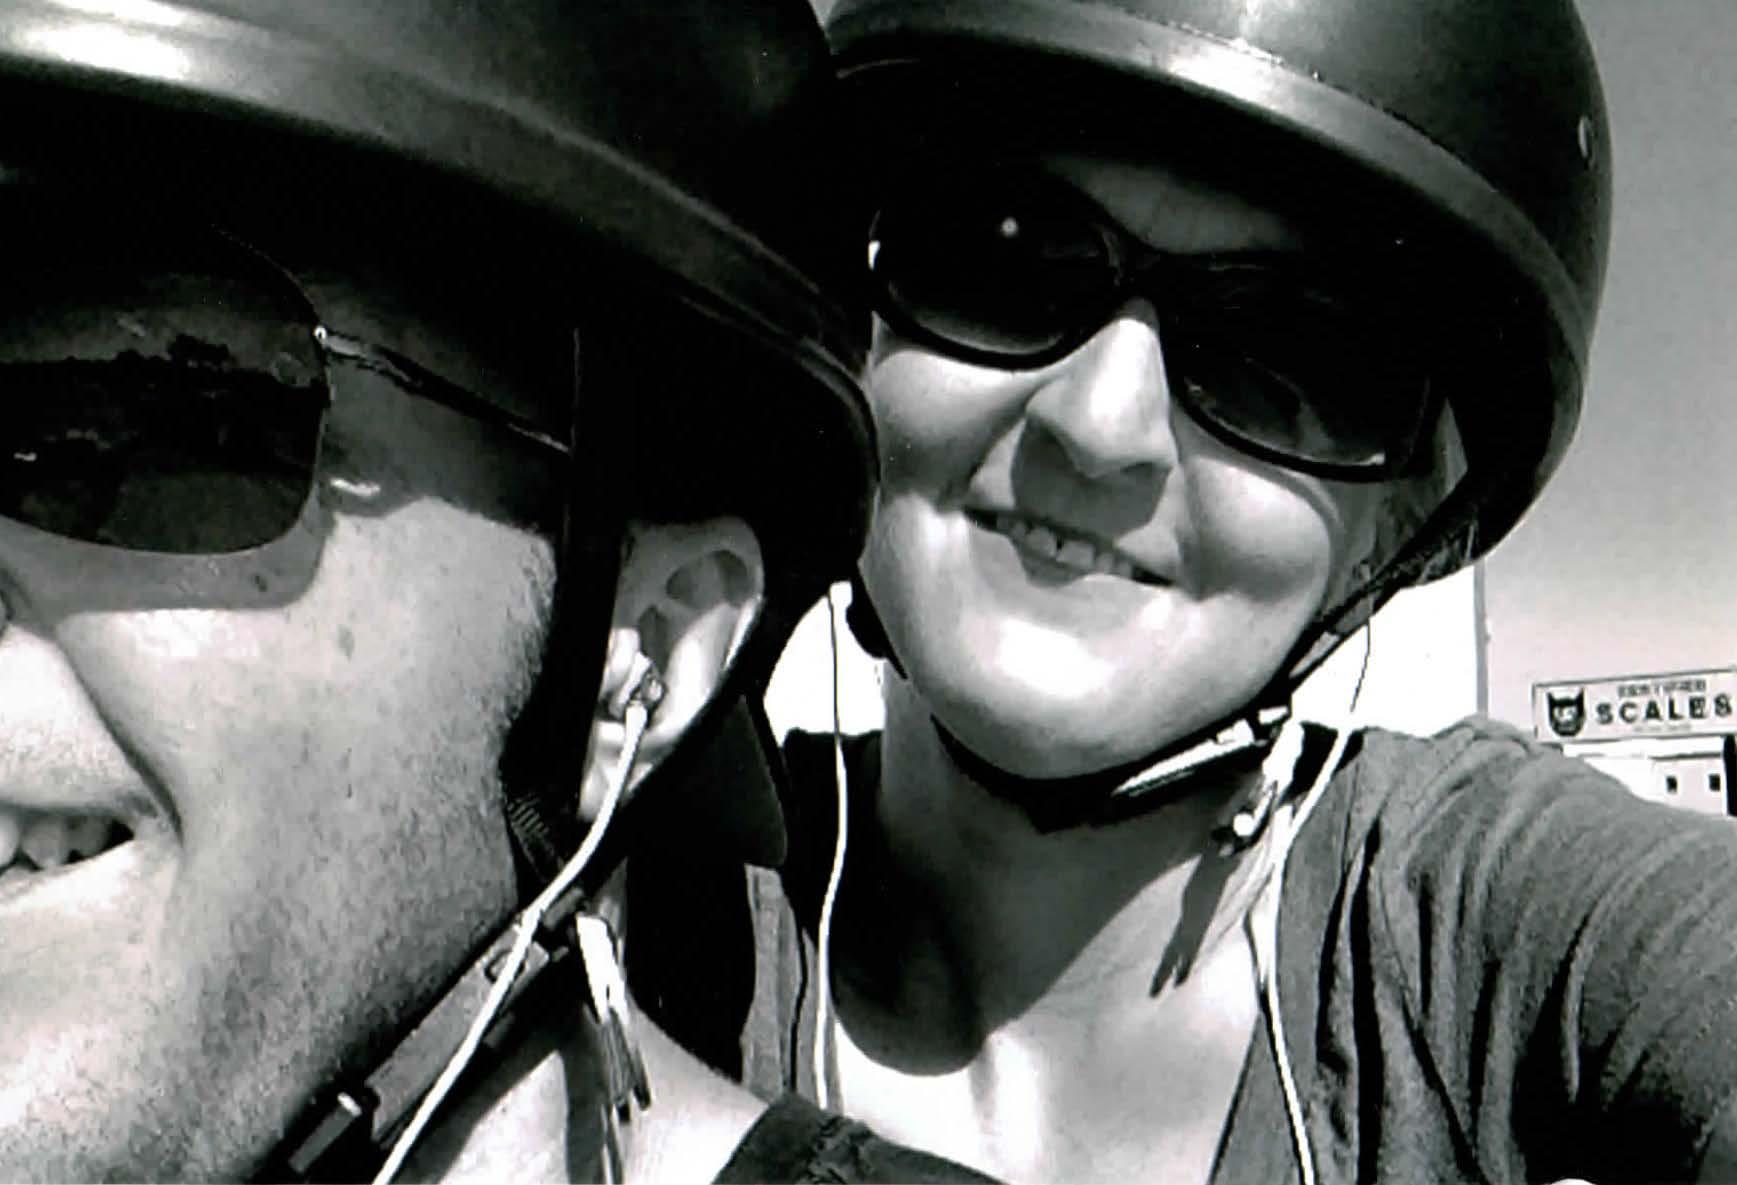 Candy and MJ Bike Close up.jpg